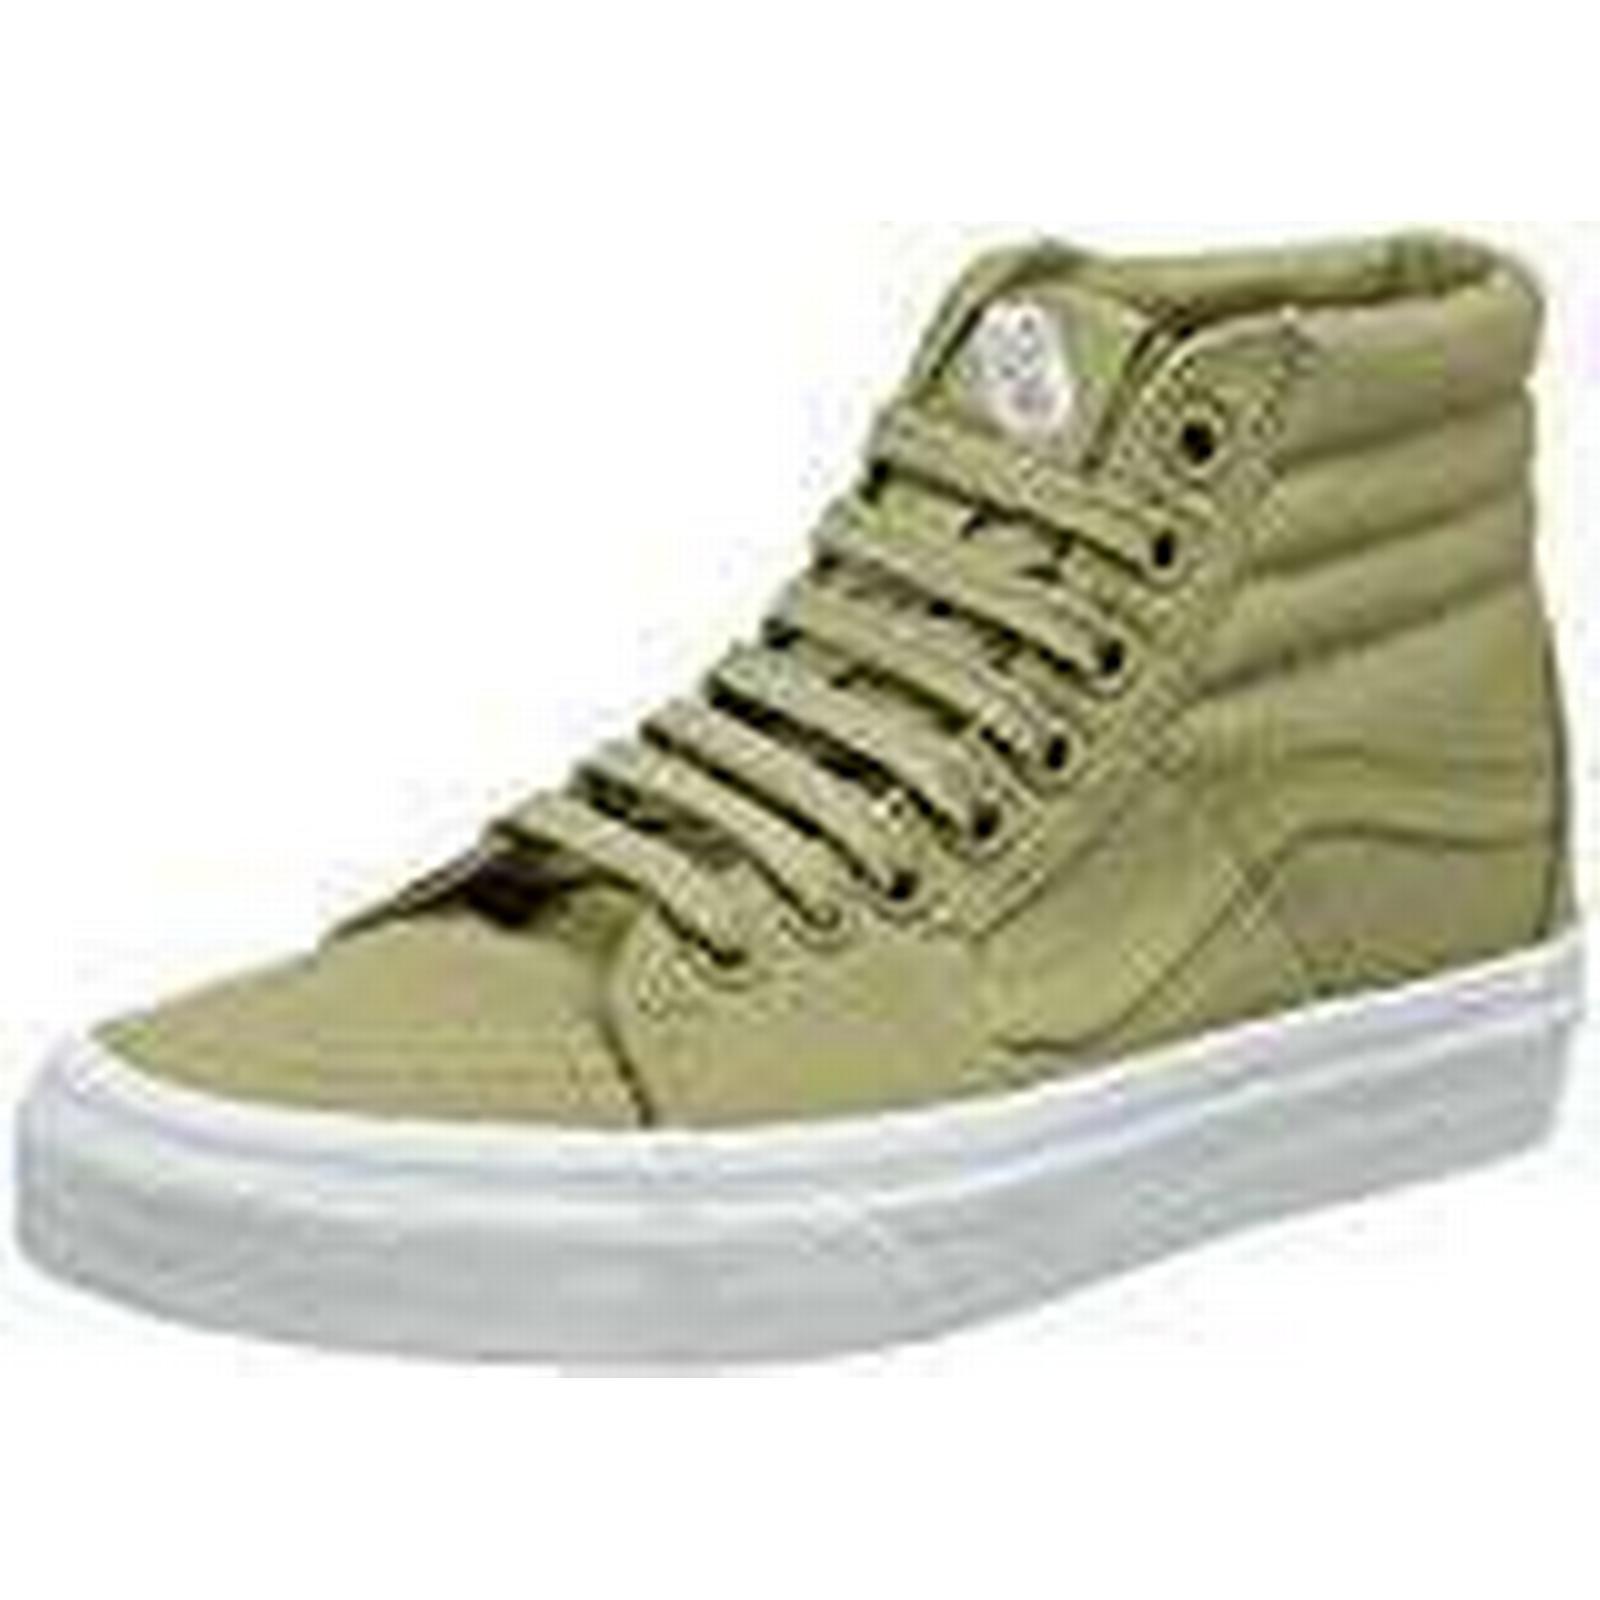 Vans Unisex Adults' SK8-Hi Hi-Top Trainers, Green (Mono Canvas) Boa EU Qd9, 10.5 UK 45 EU Boa 5f8709